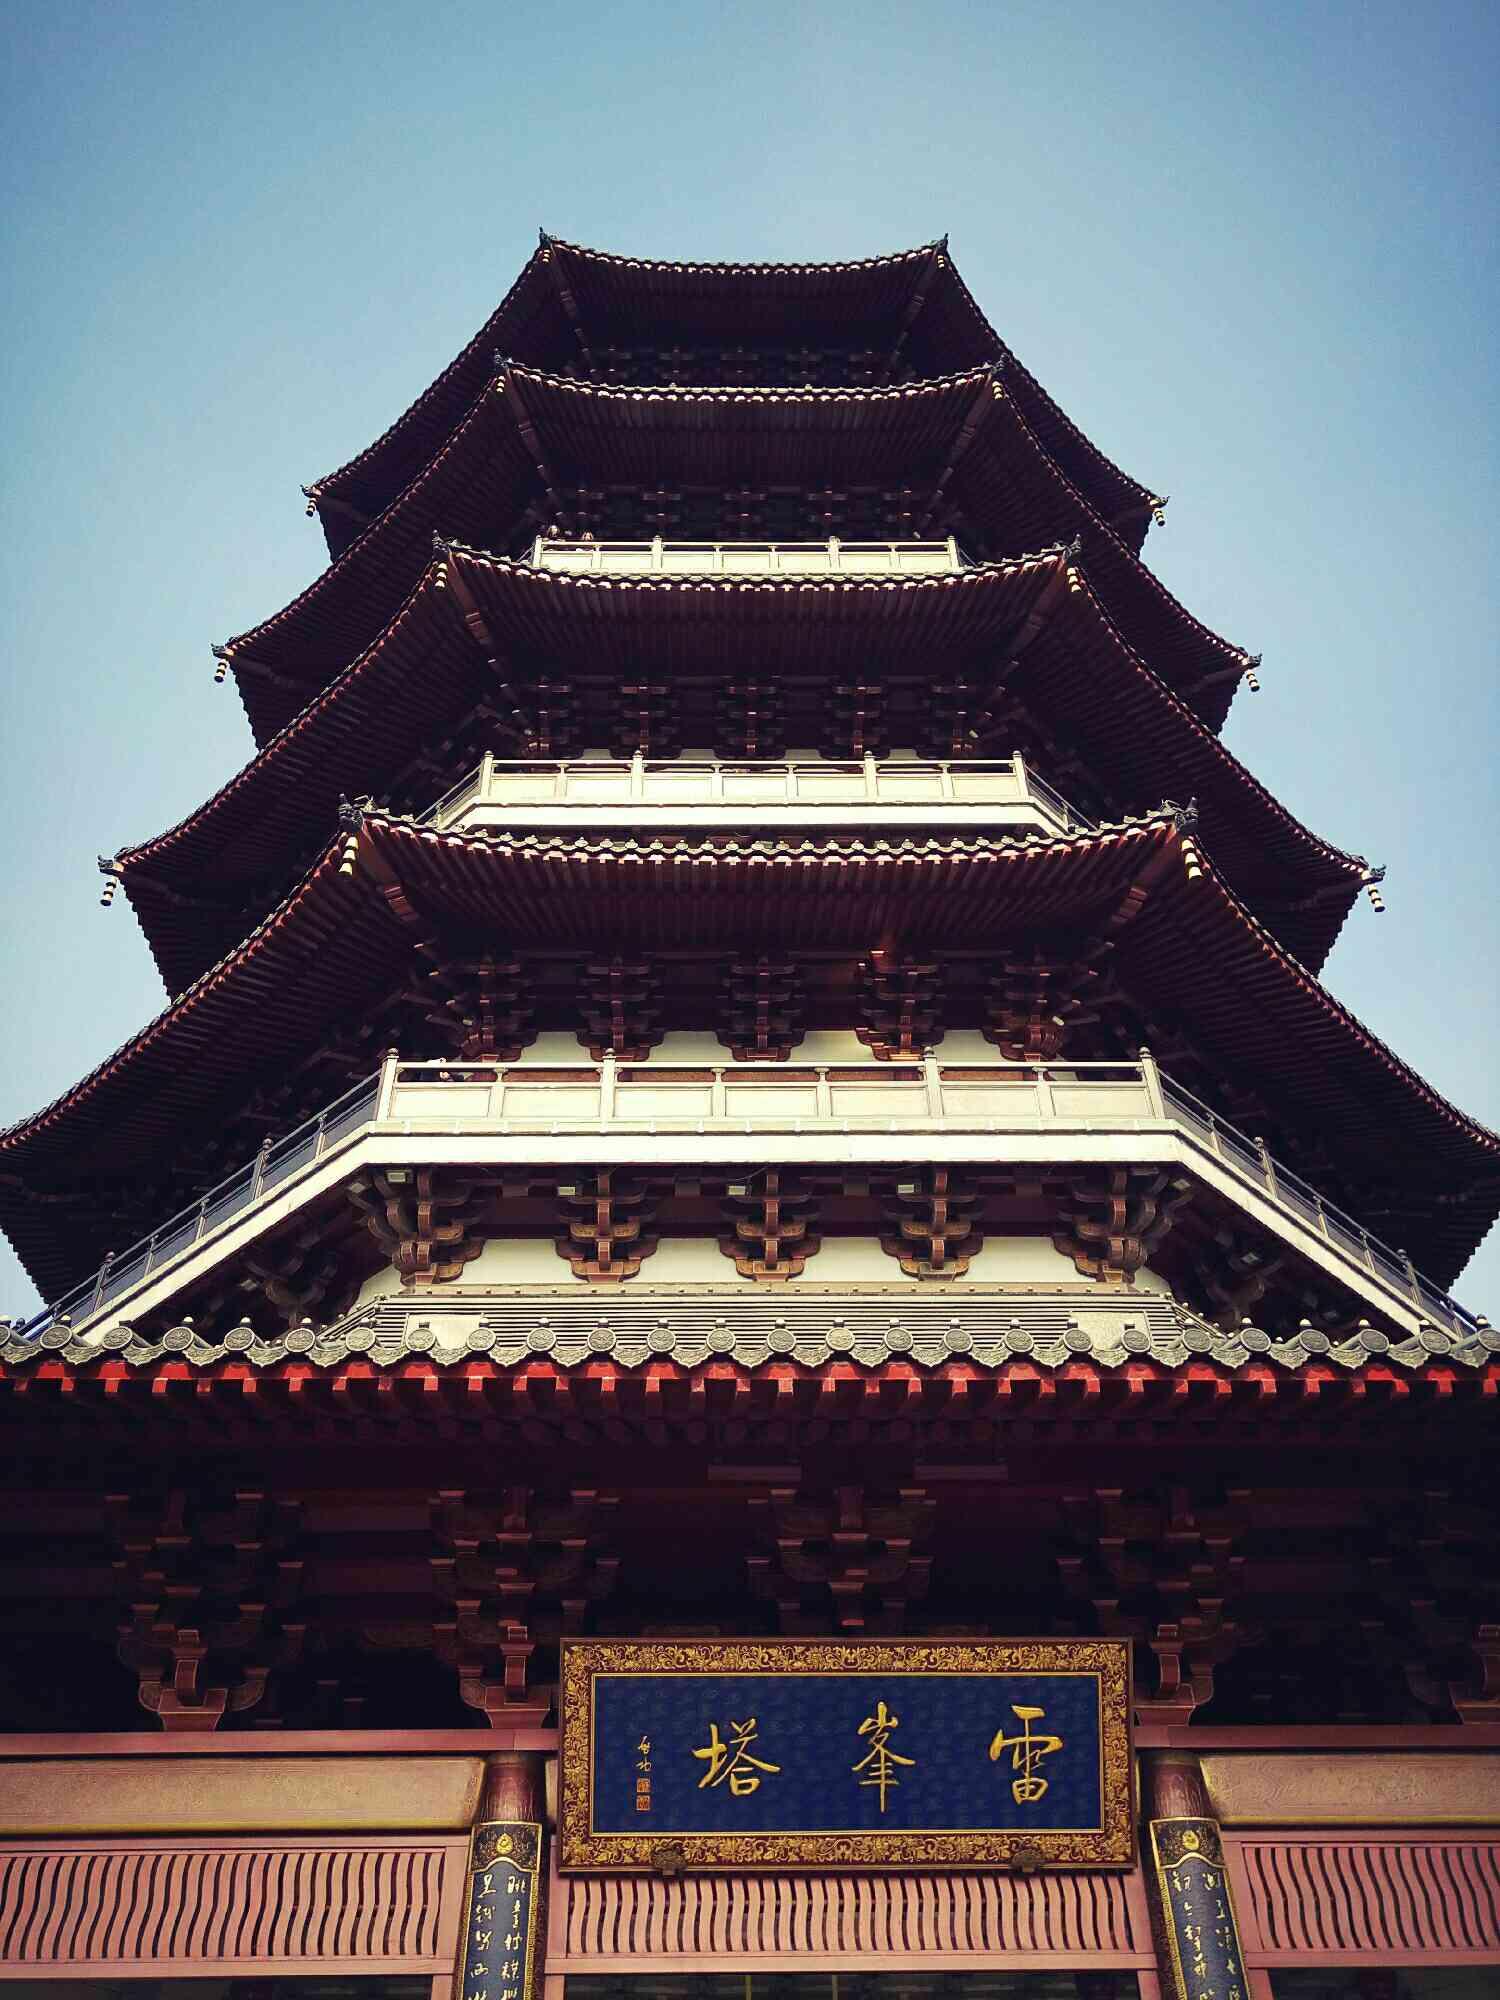 [x6d]杭州西湖,雷峰塔